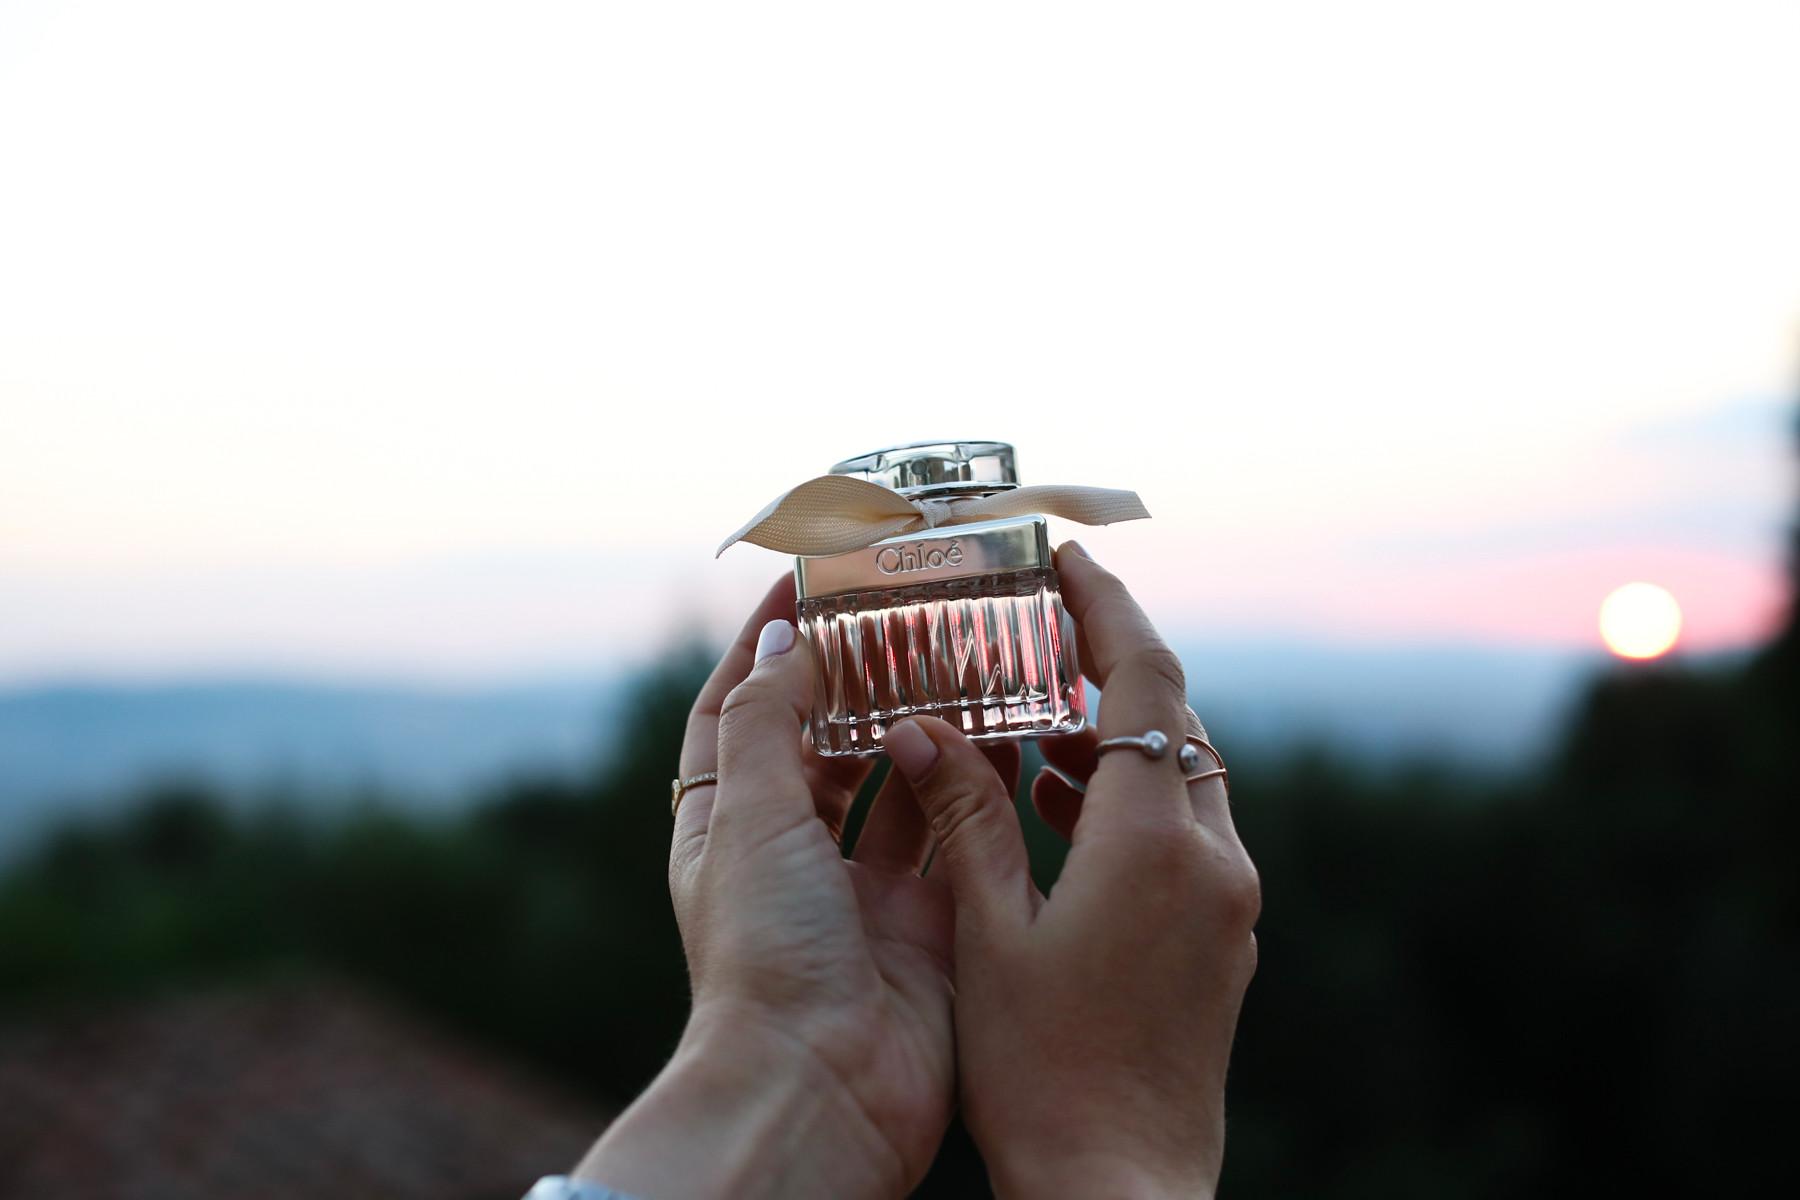 style-shiver-beauty-chloe-fleur-de-parfum-5